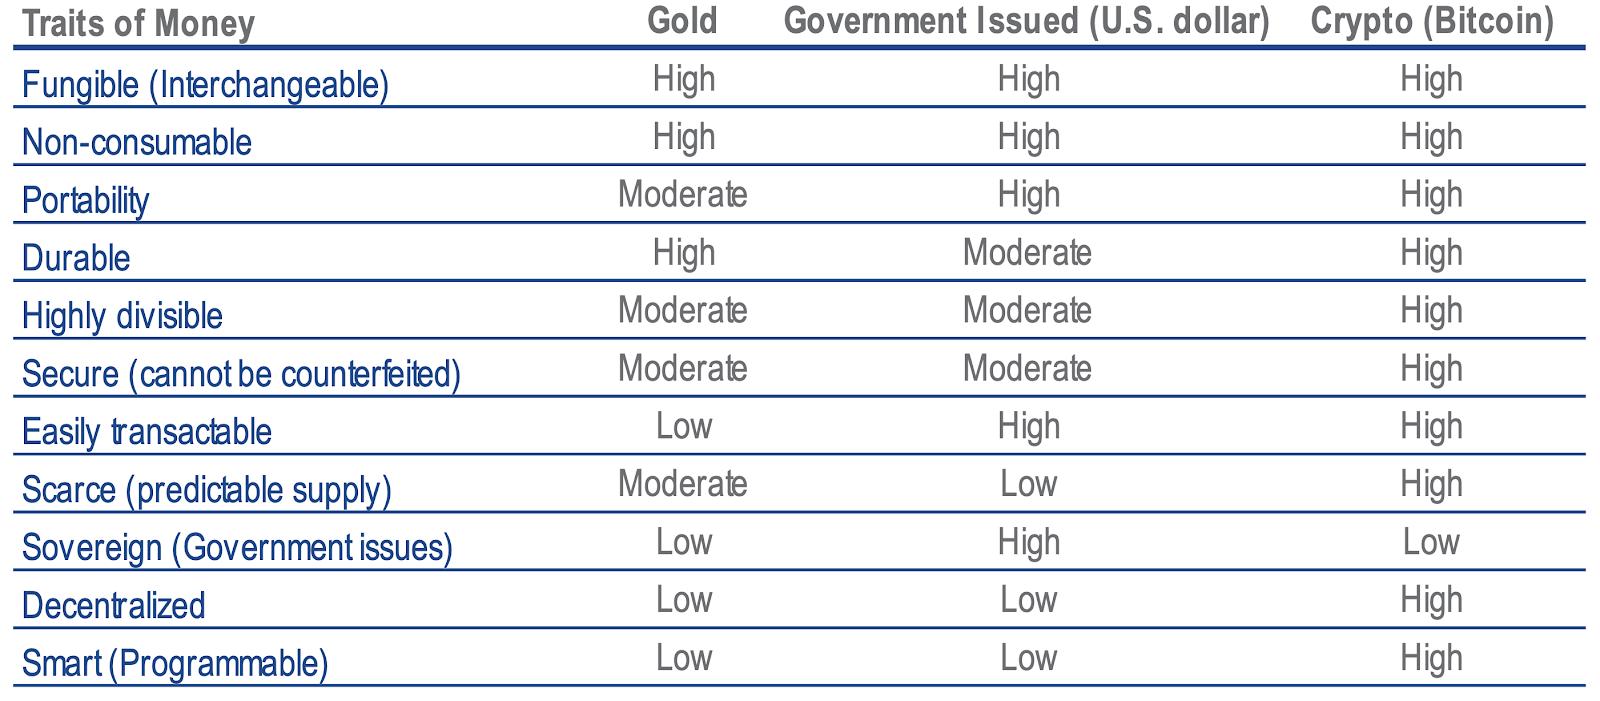 Caratteristiche dell'oro, del dollaro statunitense e di Bitcoin